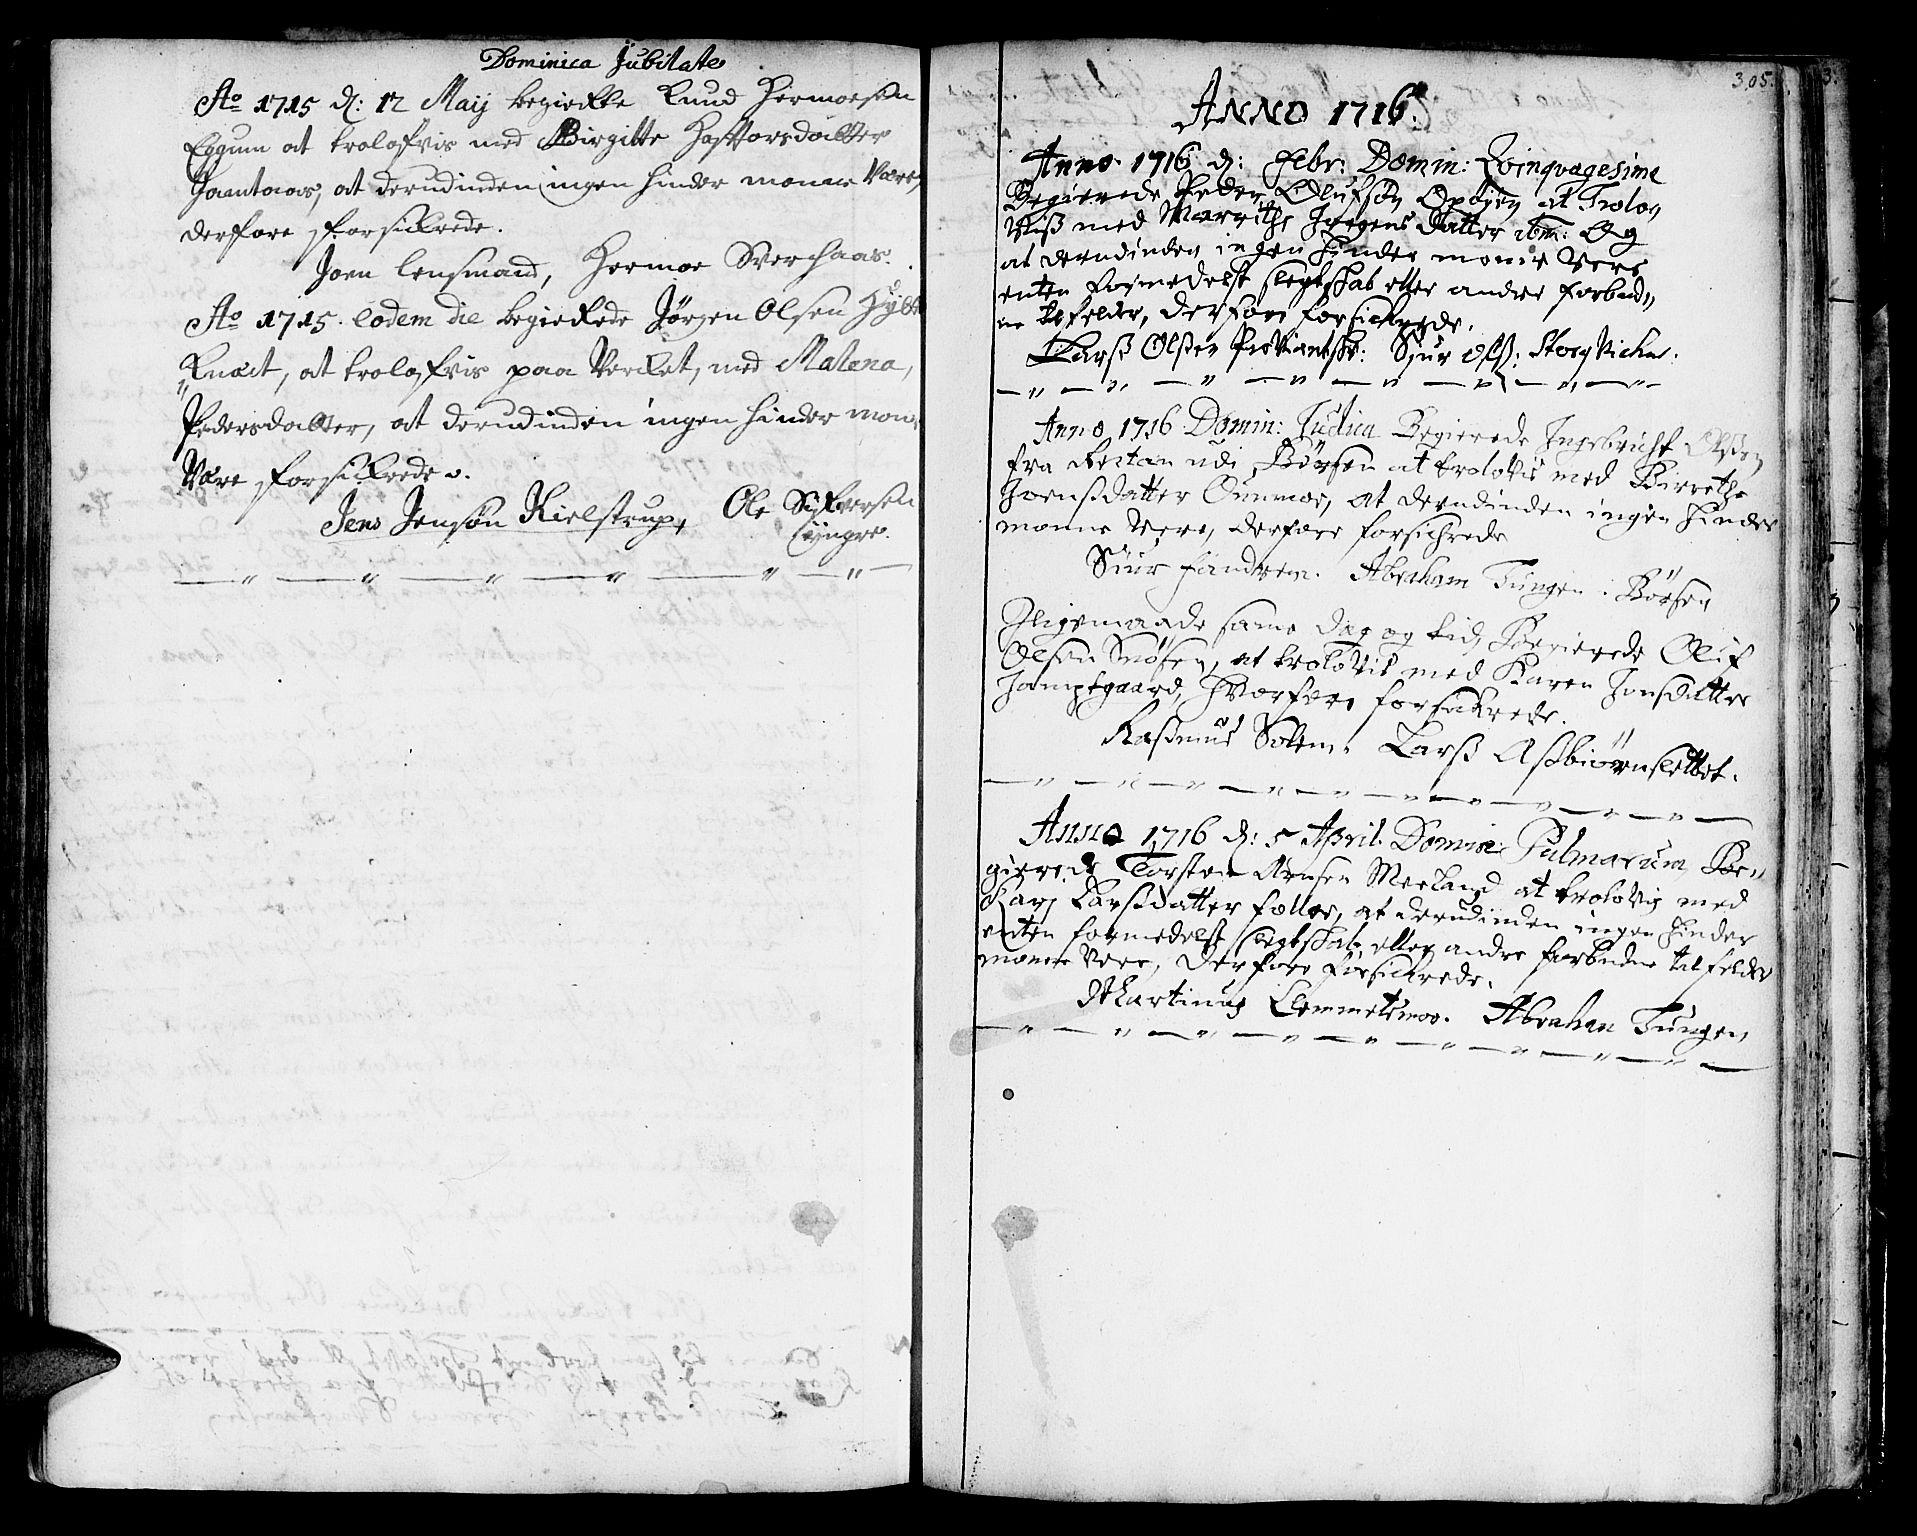 SAT, Ministerialprotokoller, klokkerbøker og fødselsregistre - Sør-Trøndelag, 668/L0801: Ministerialbok nr. 668A01, 1695-1716, s. 304-305